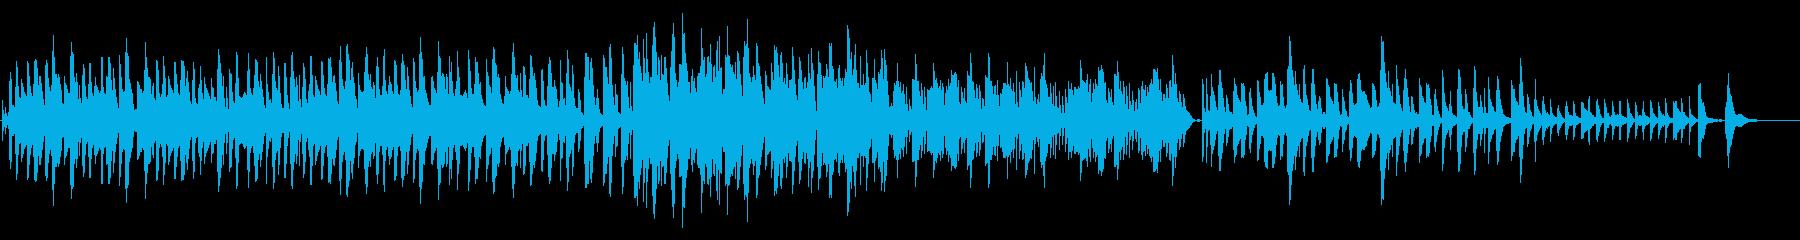 ハープの切ない曲の再生済みの波形